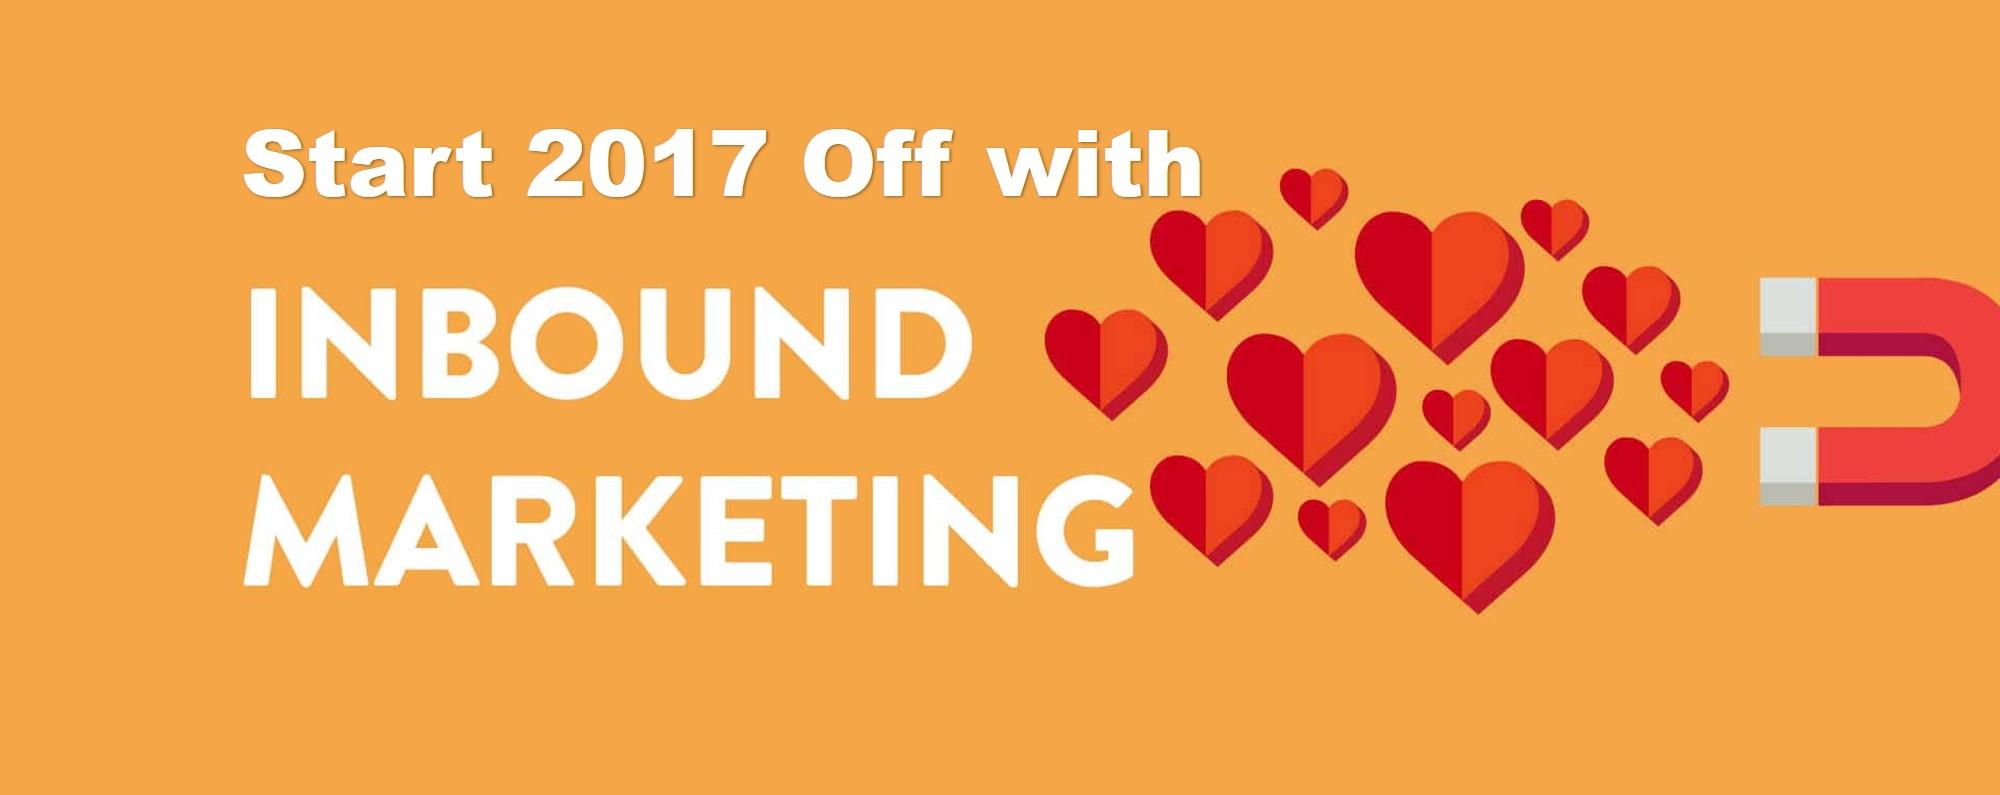 Start 2017 Off with Inbound Marketing